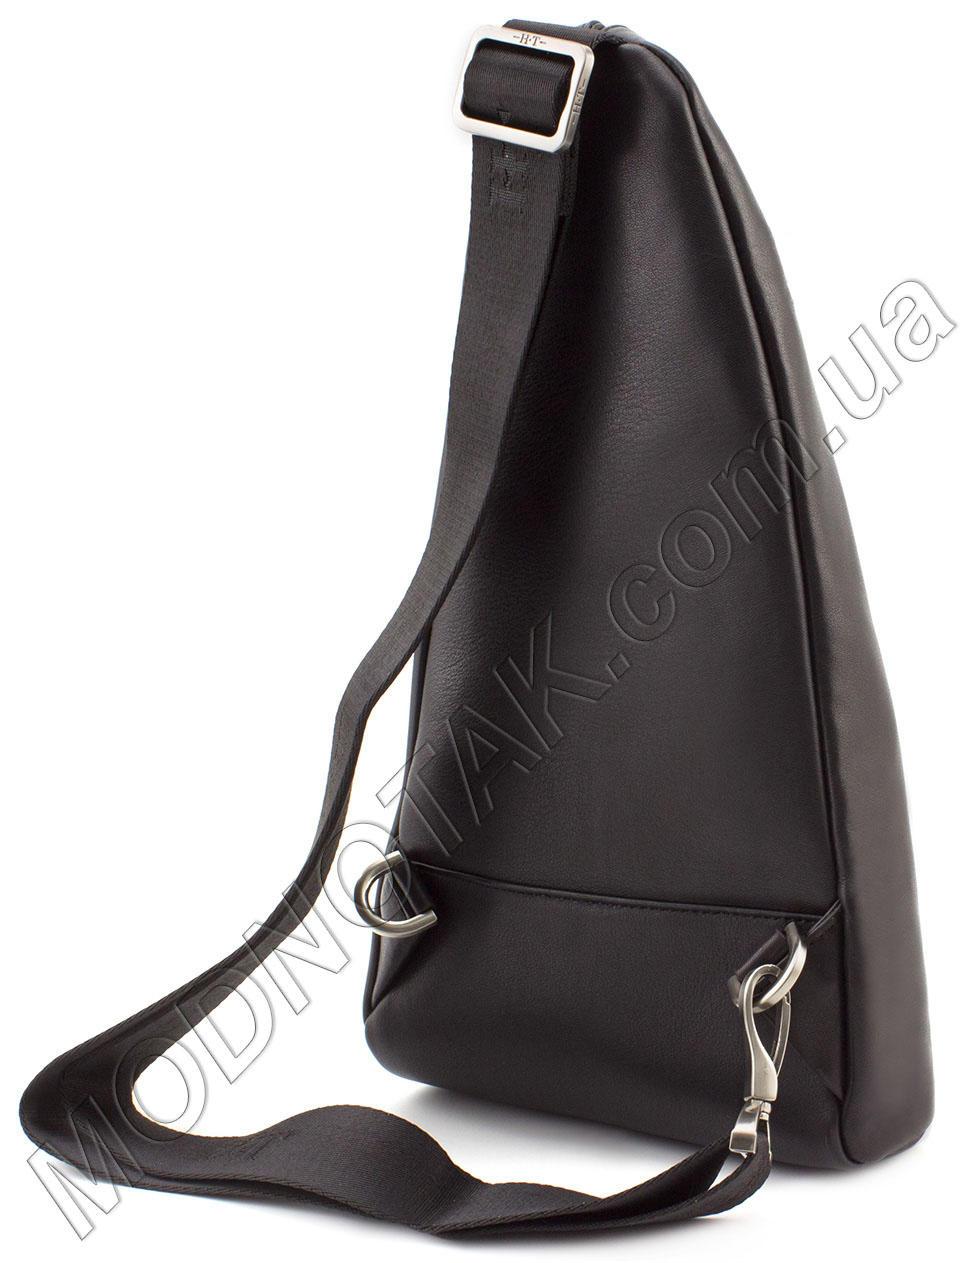 ad104c2f89e9 Стильный кожаный рюкзак на одно плечо HT Leather (12133) купить в ...